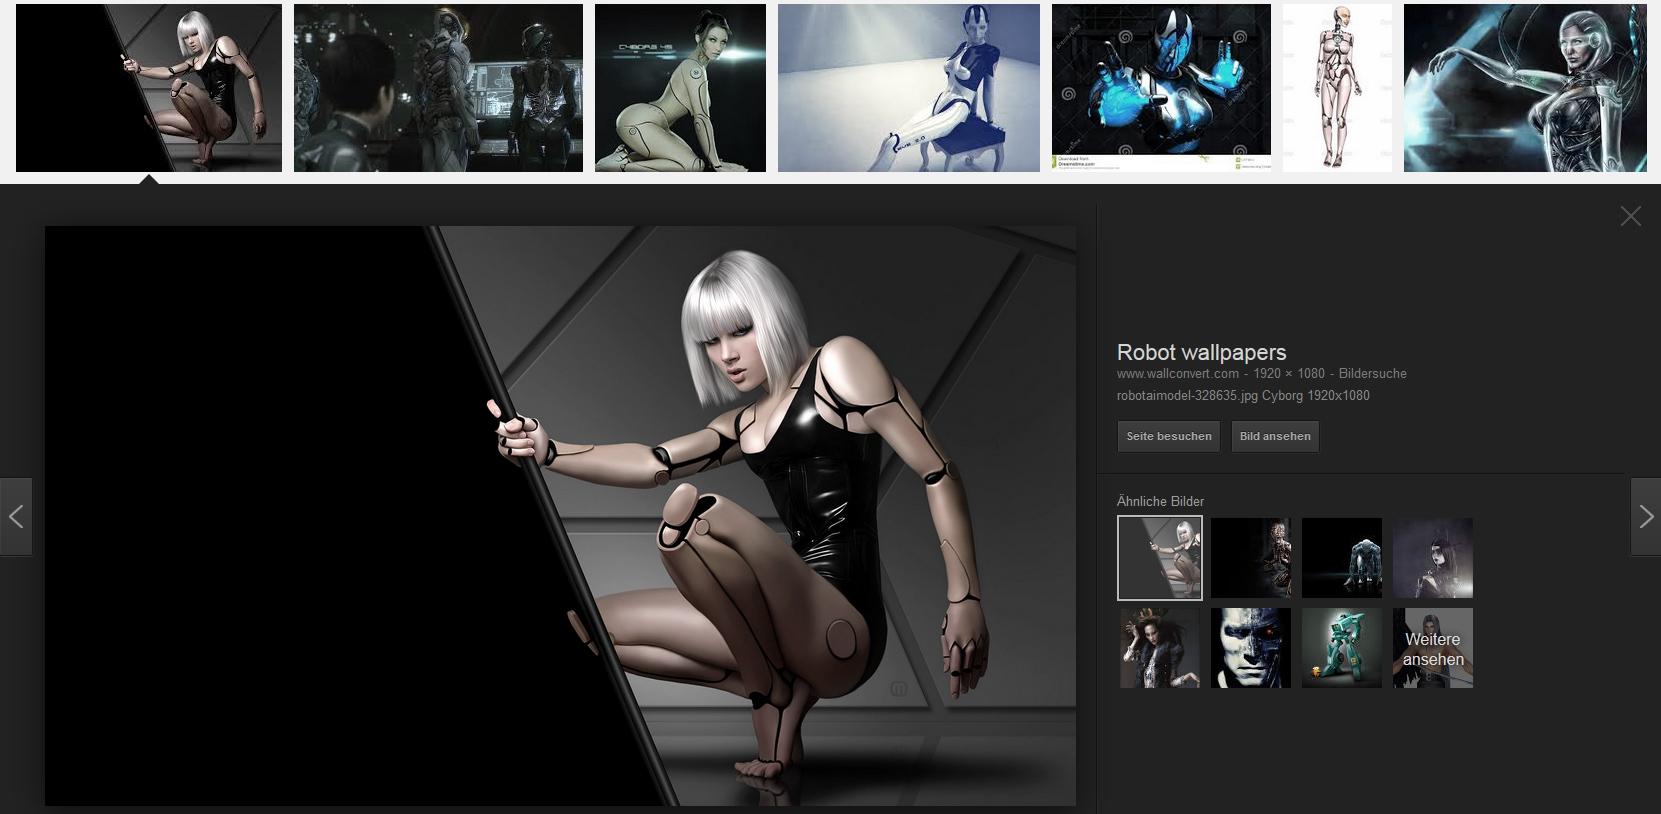 Screenshot der Google-Bildersuche nach 'female cyborg' (abgefragt am 20. Dezember 2015)